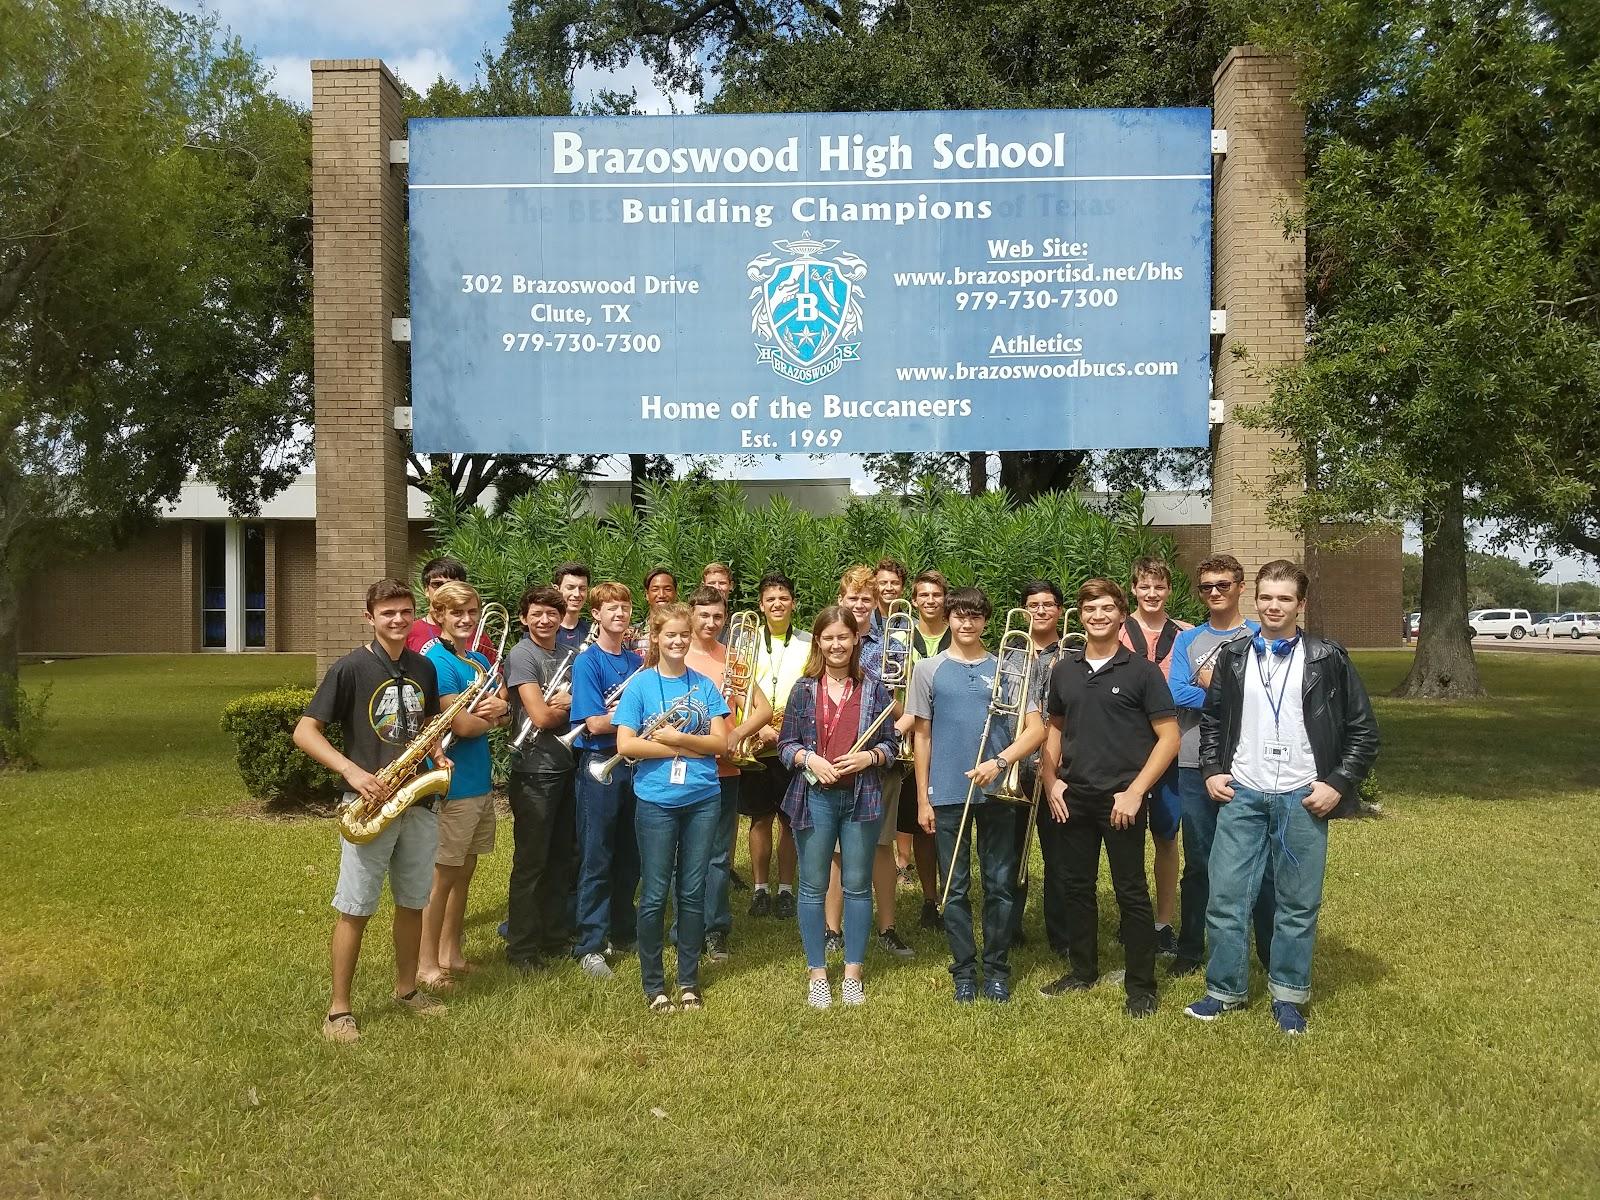 Brazoswood Jazz Band Group Photo